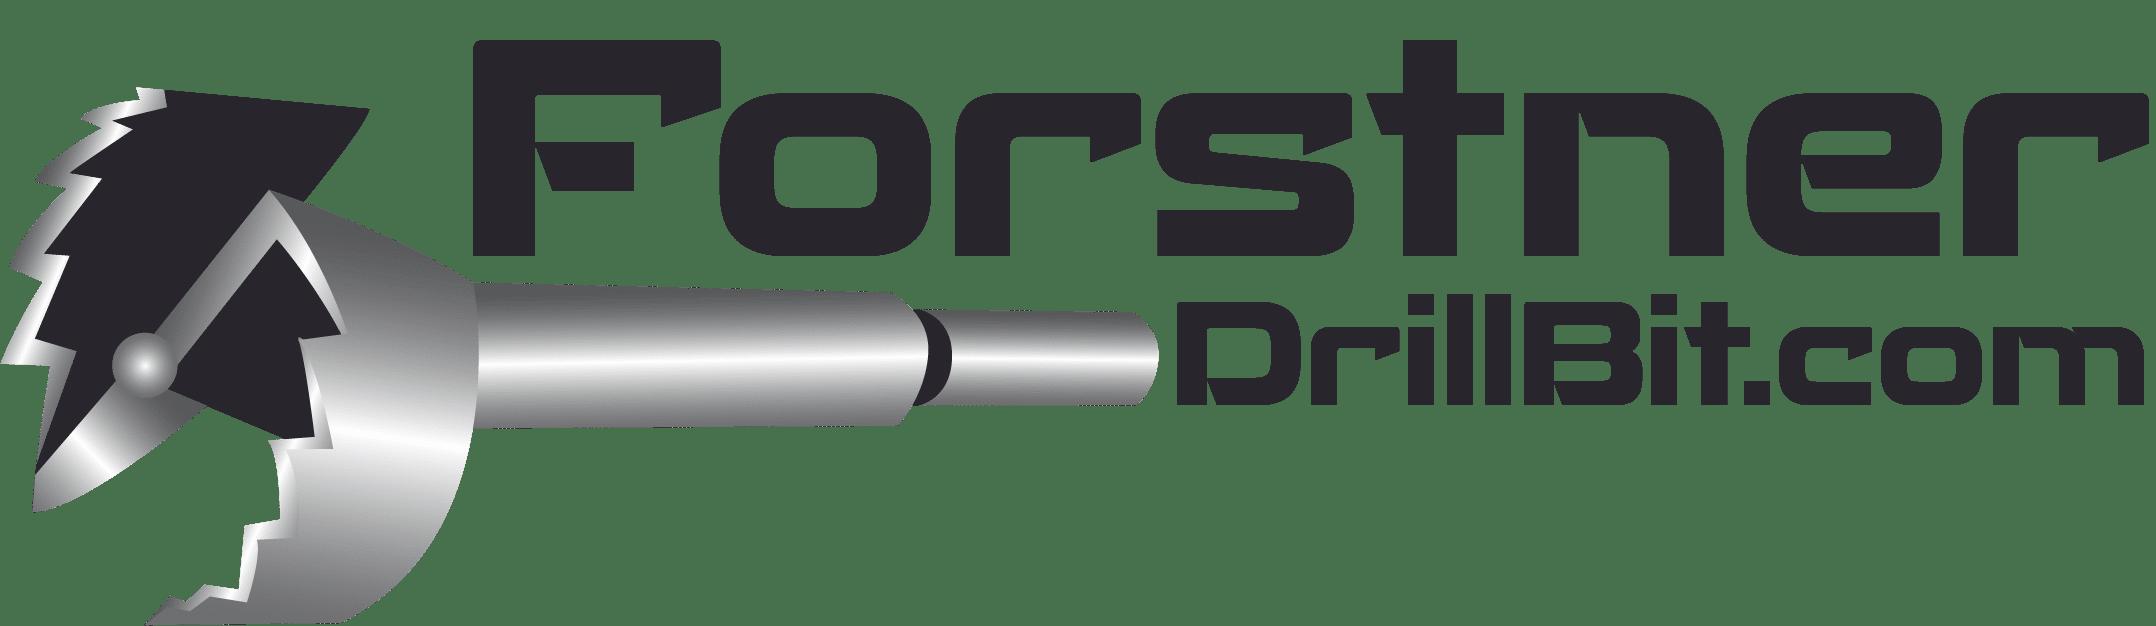 Forstner Drill Bit